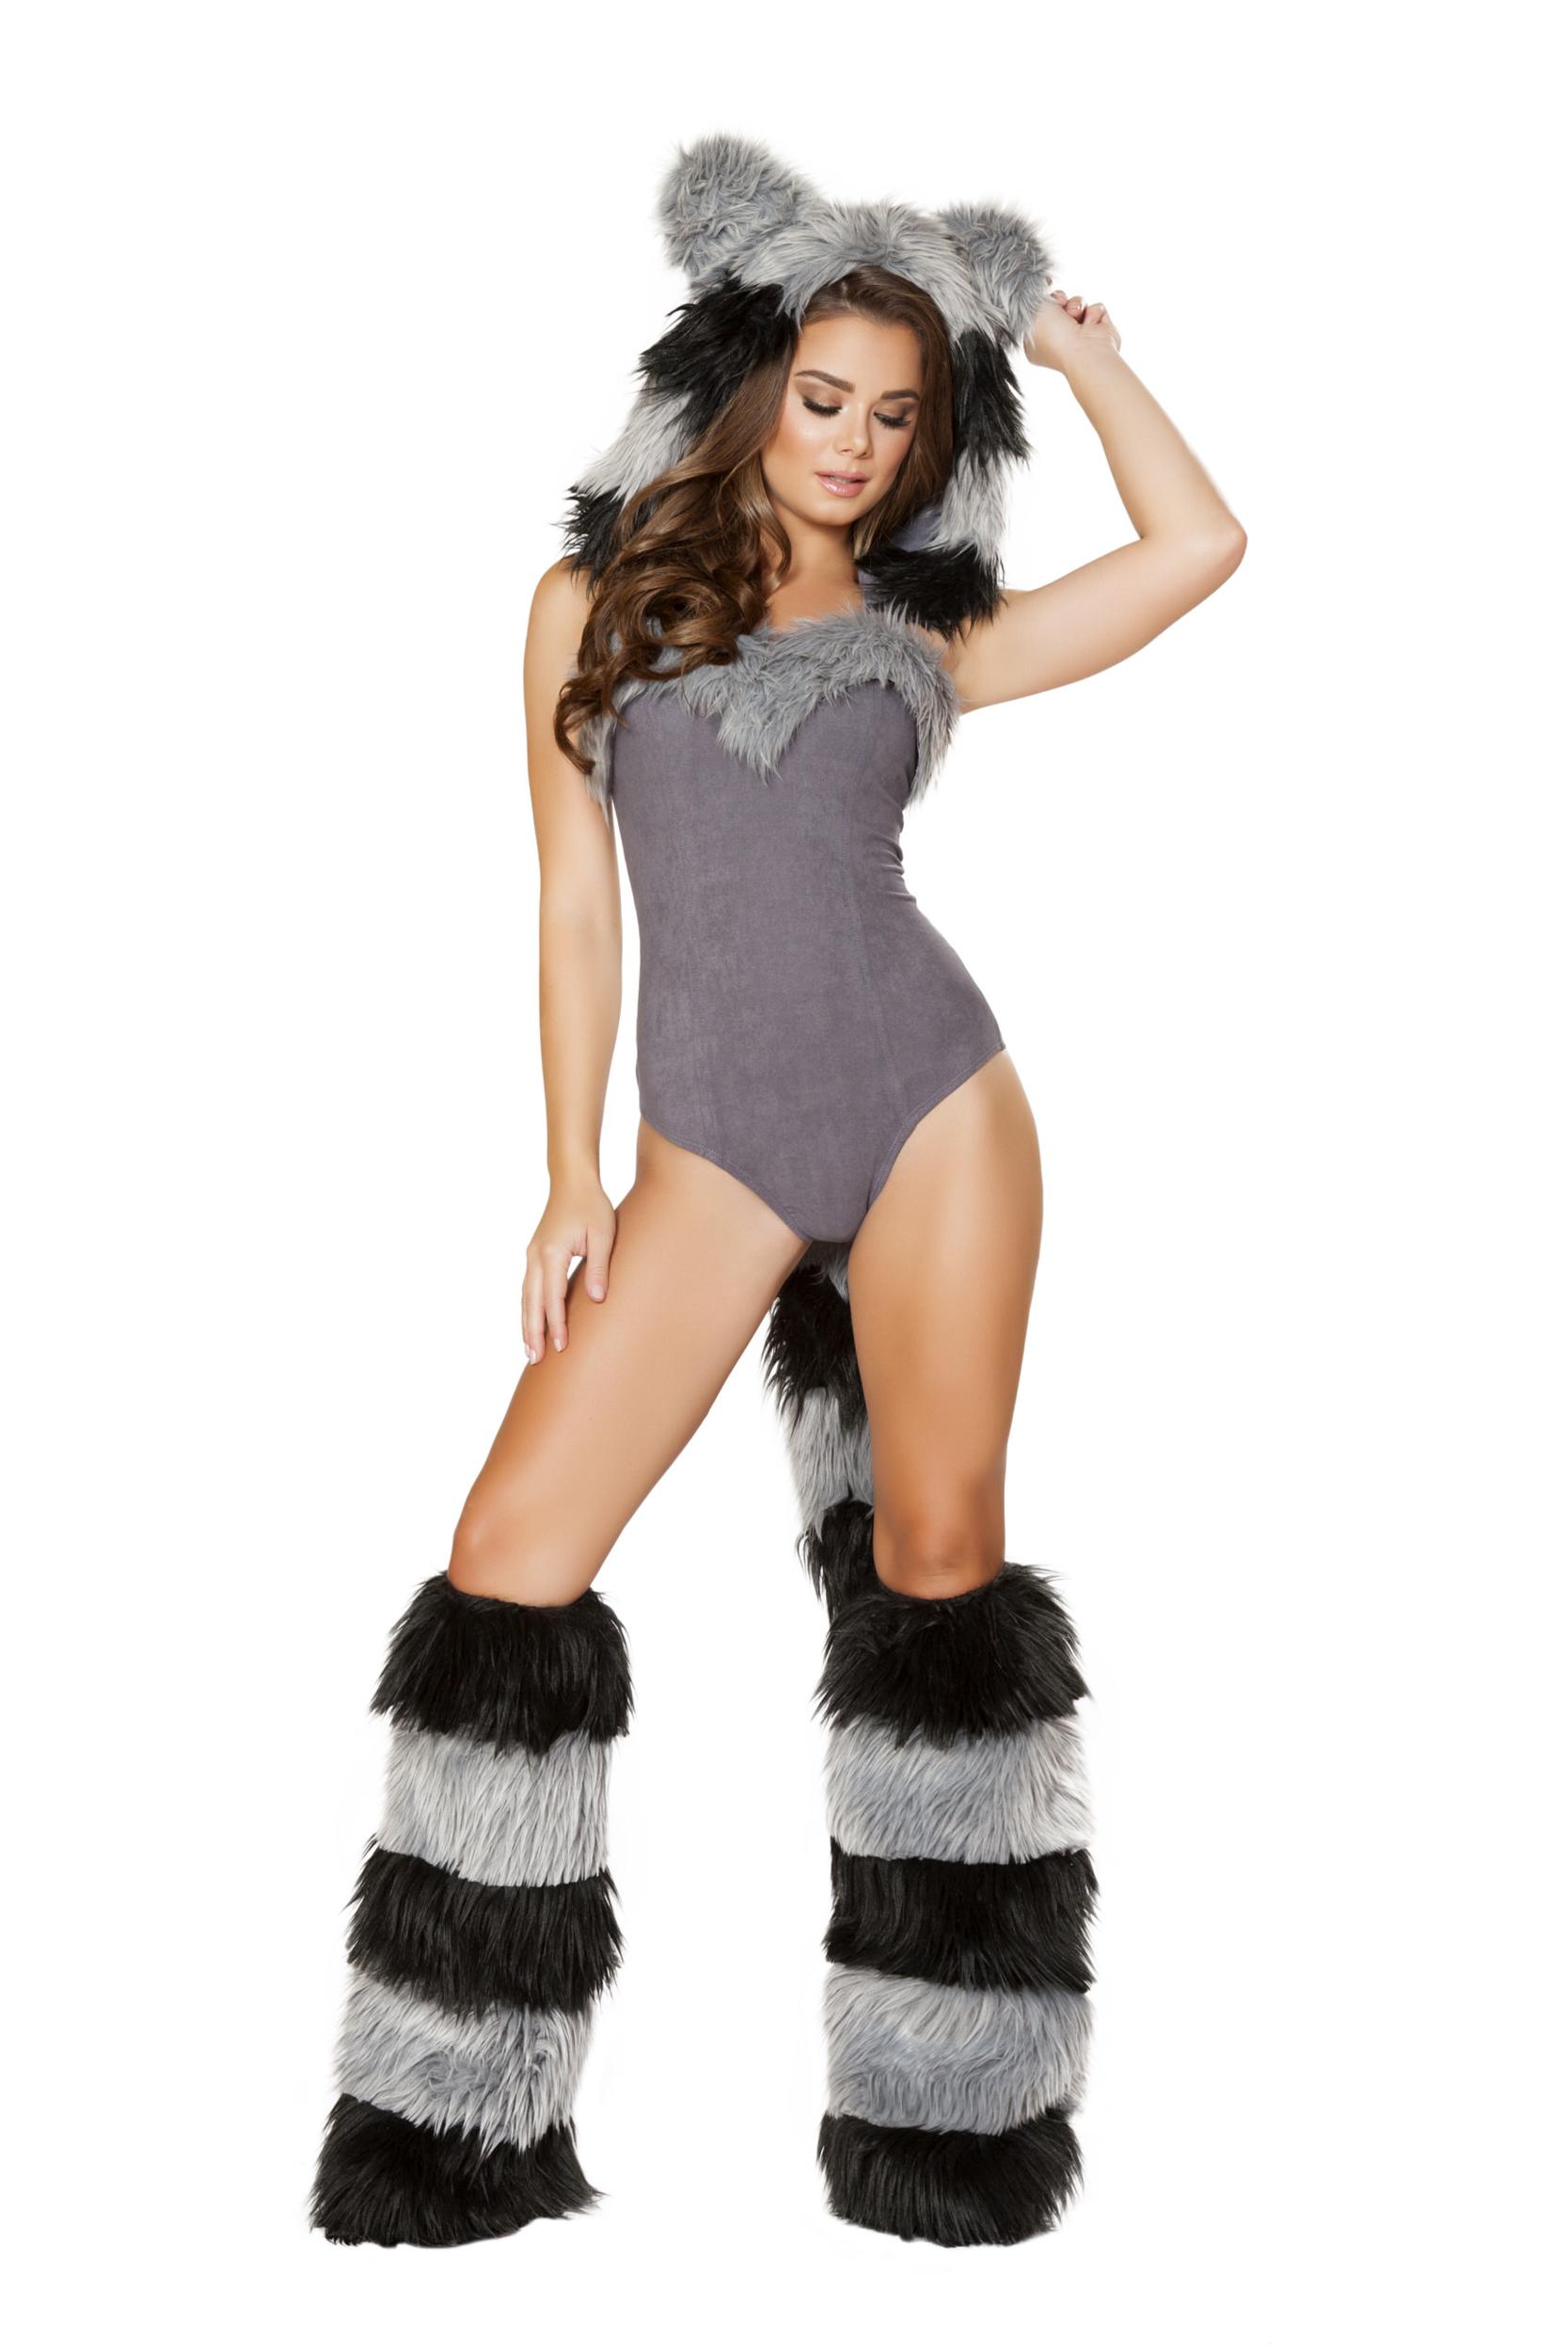 Costume - Déguisement de raton laveur - ROMA